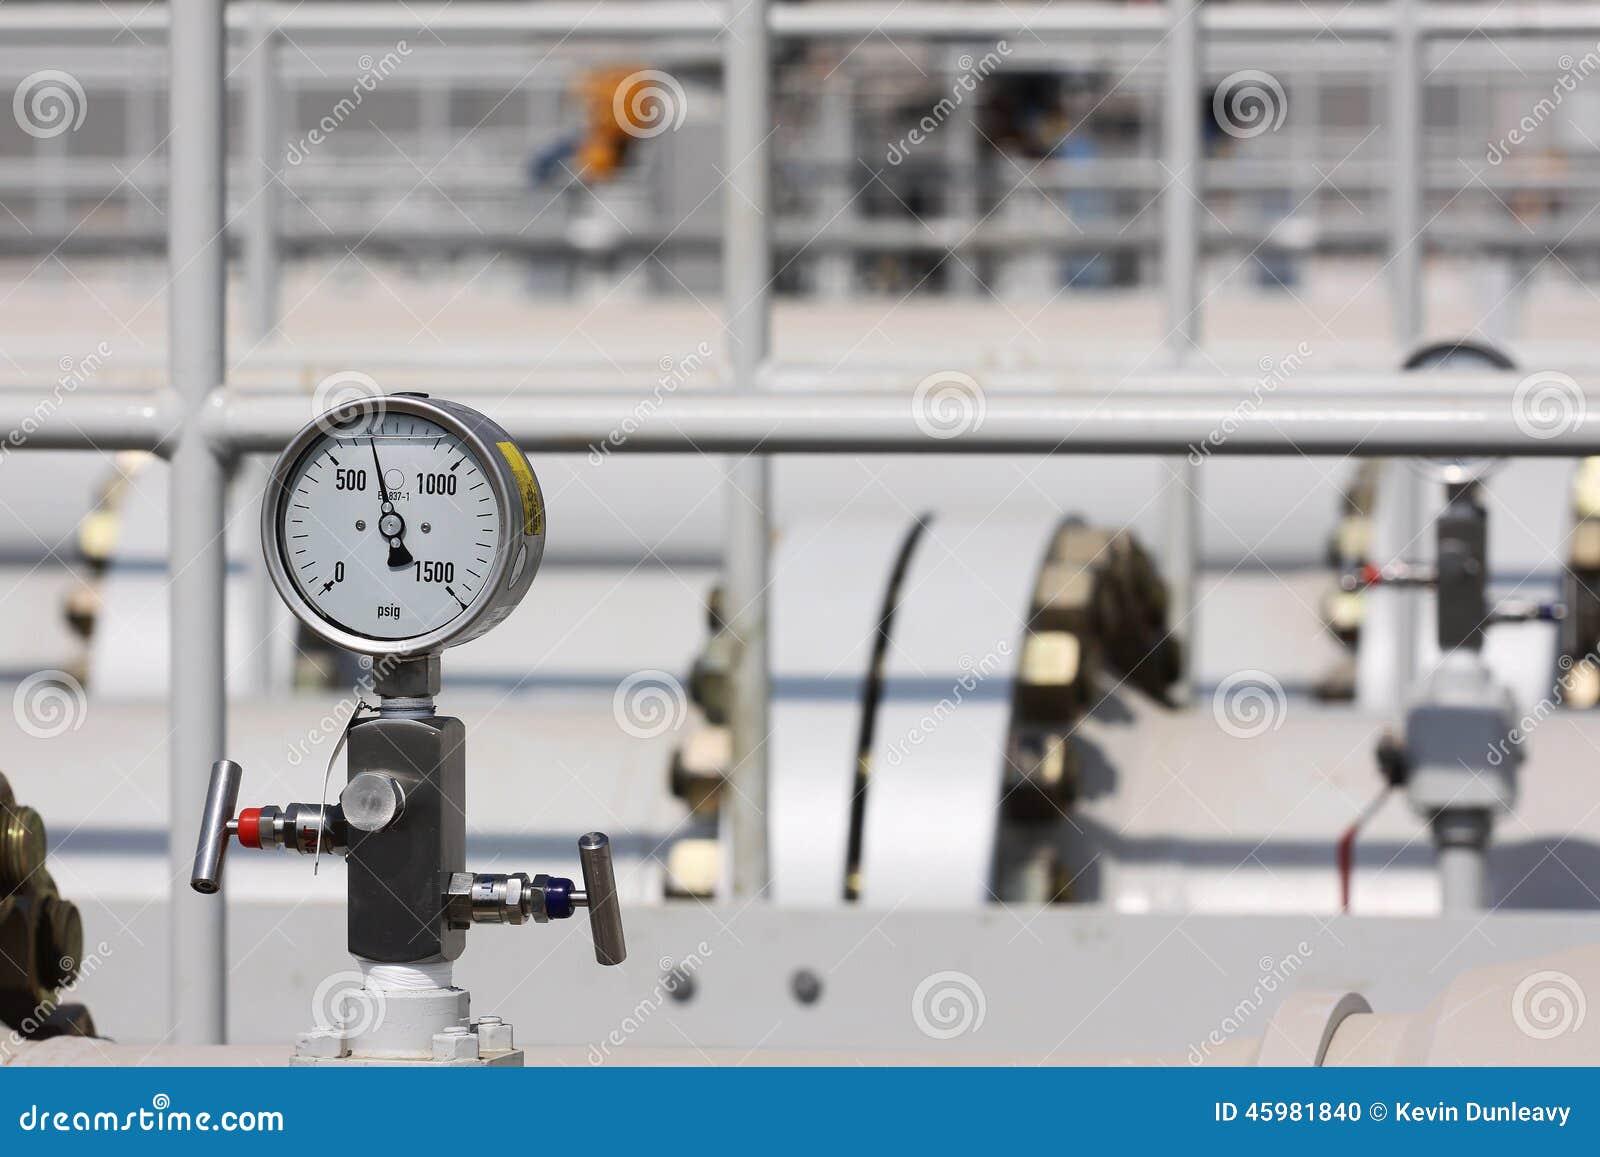 Indicador de alta presión en la tubería de proceso